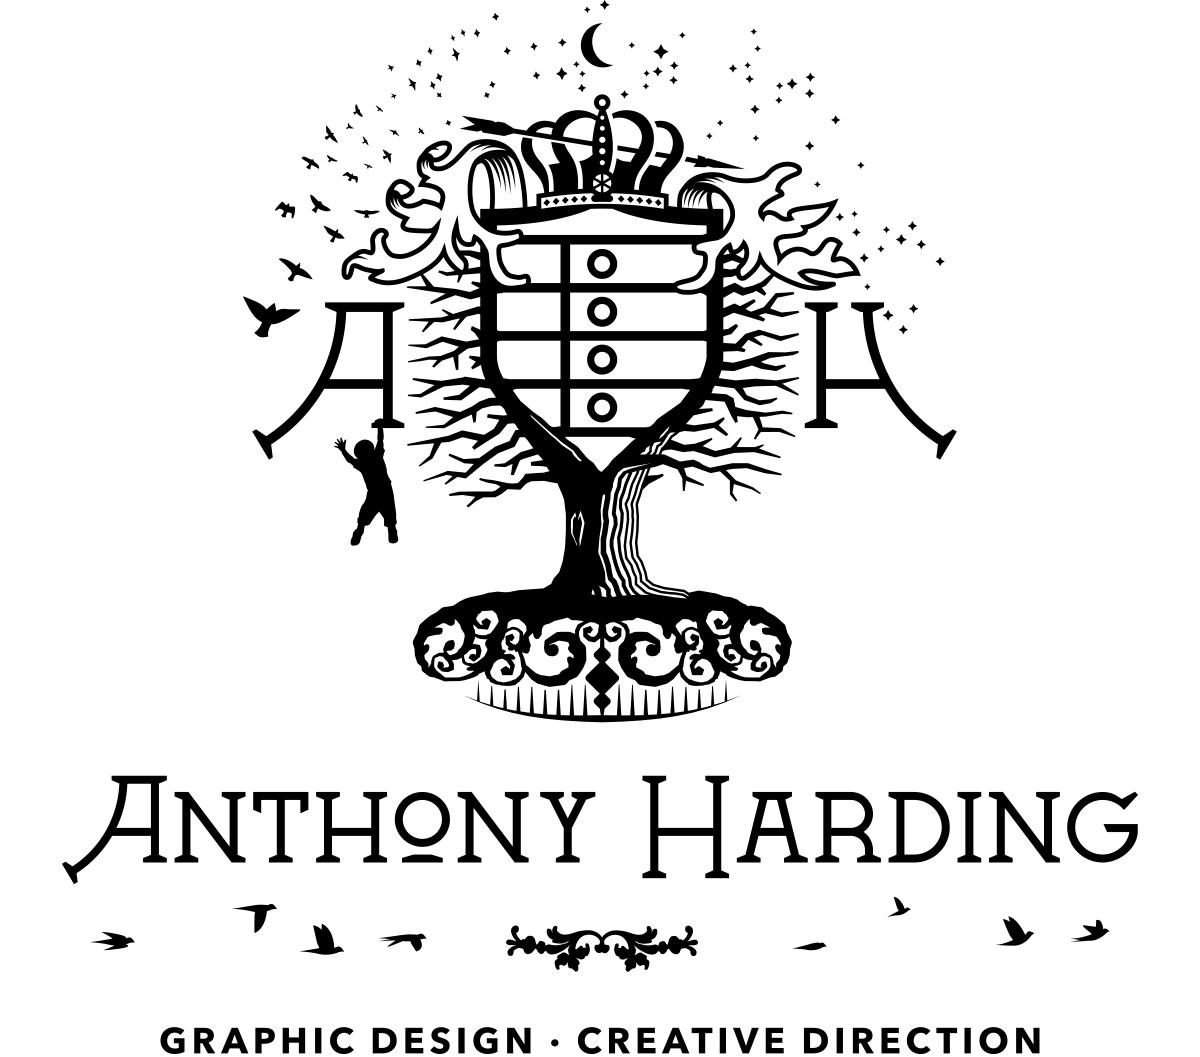 Anthony Harding